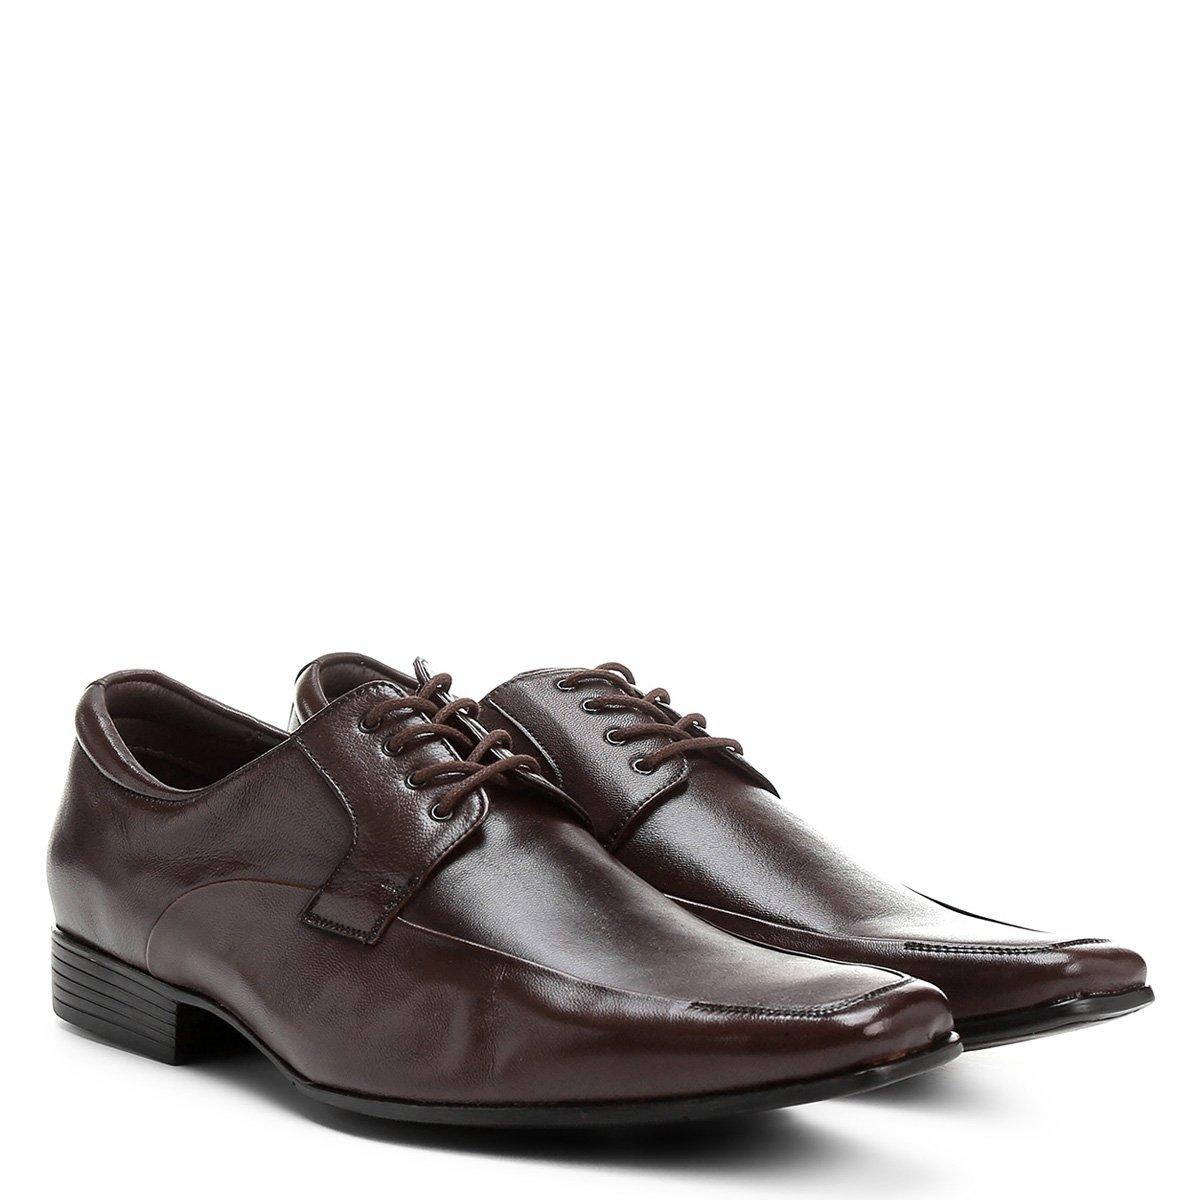 1bd8663d3b Sapato Couro Social Shoestock Amarração Clássico